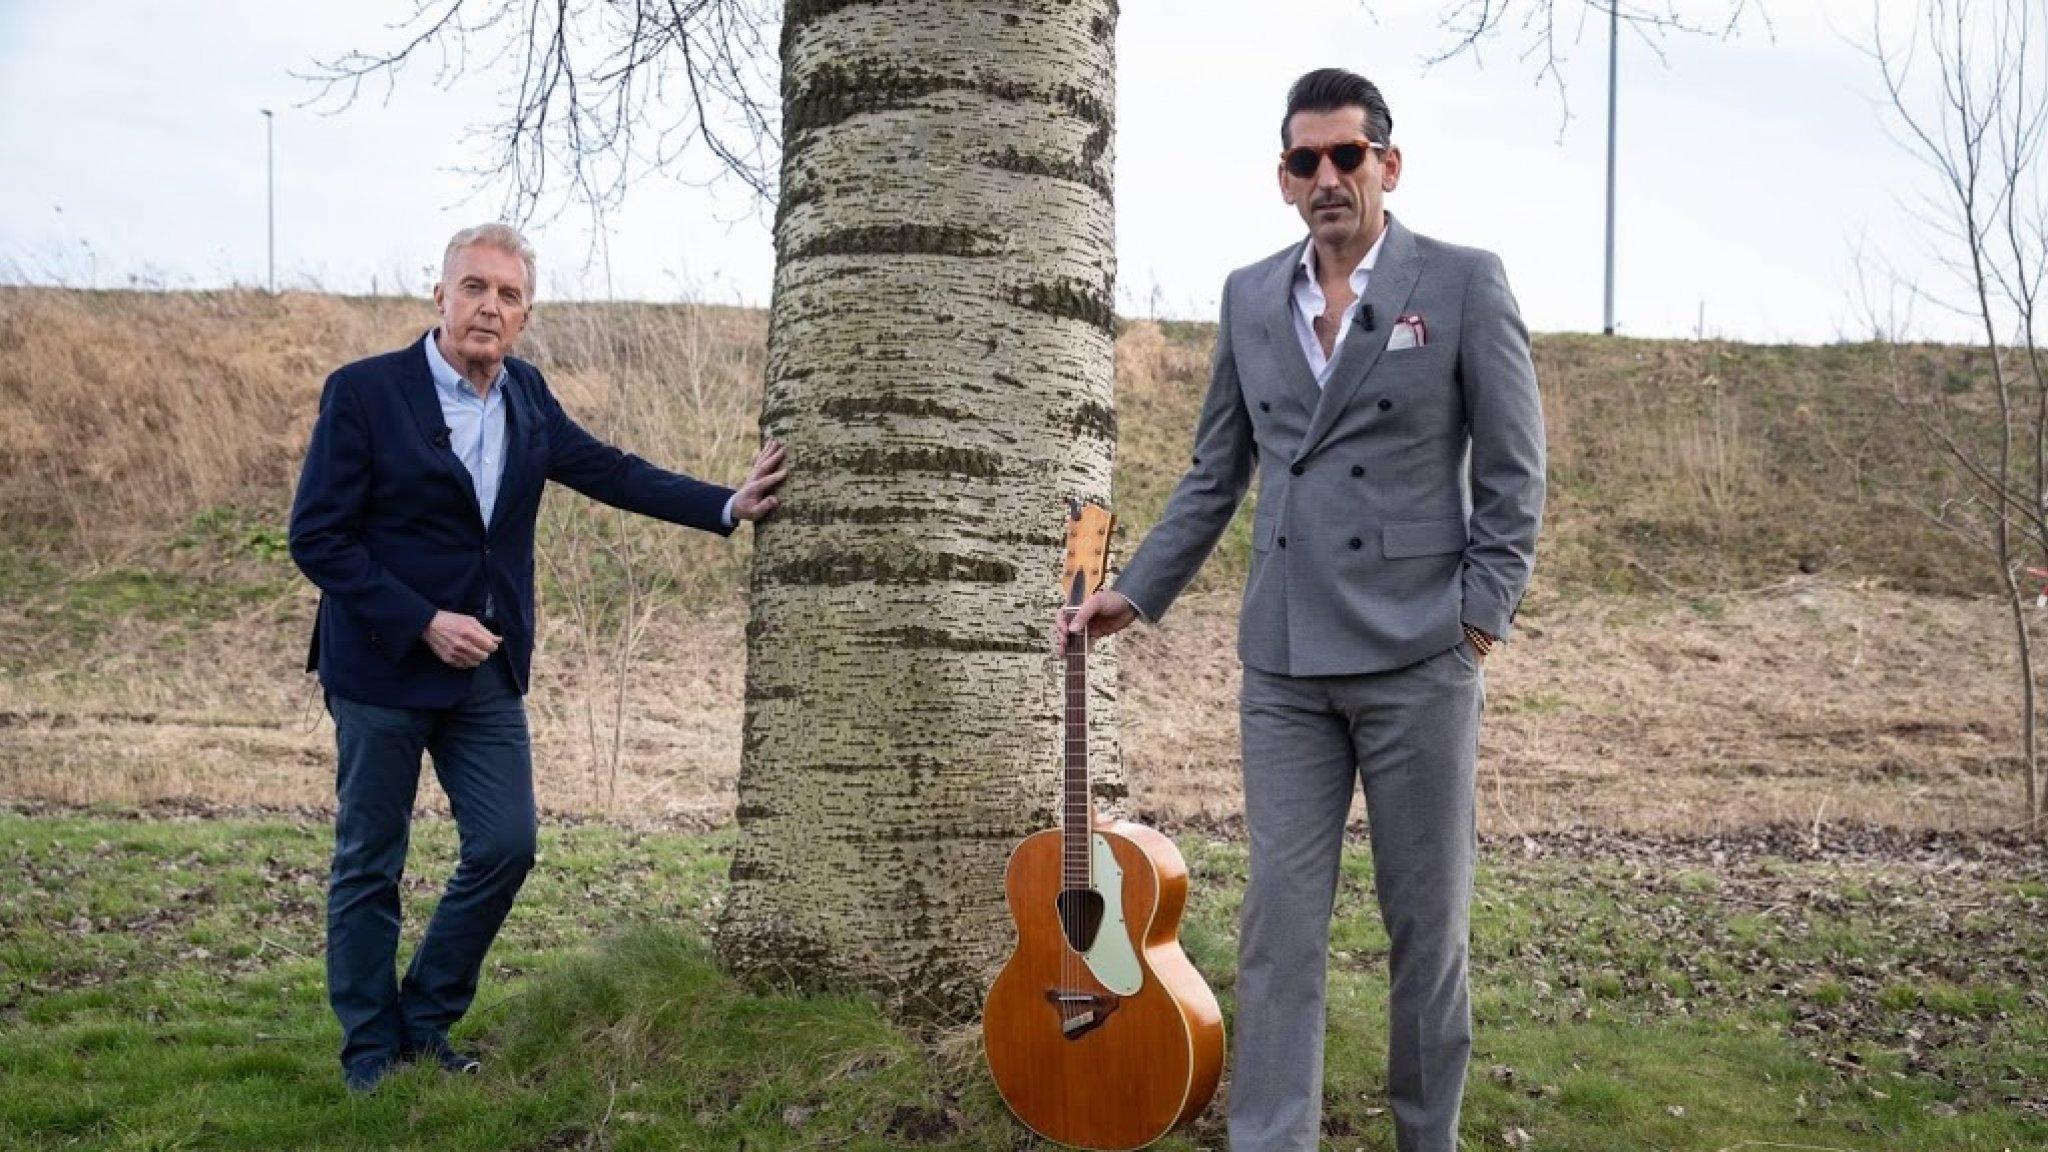 André van Duin kan niet aan Martin denken tijdens optreden - RTL Boulevard